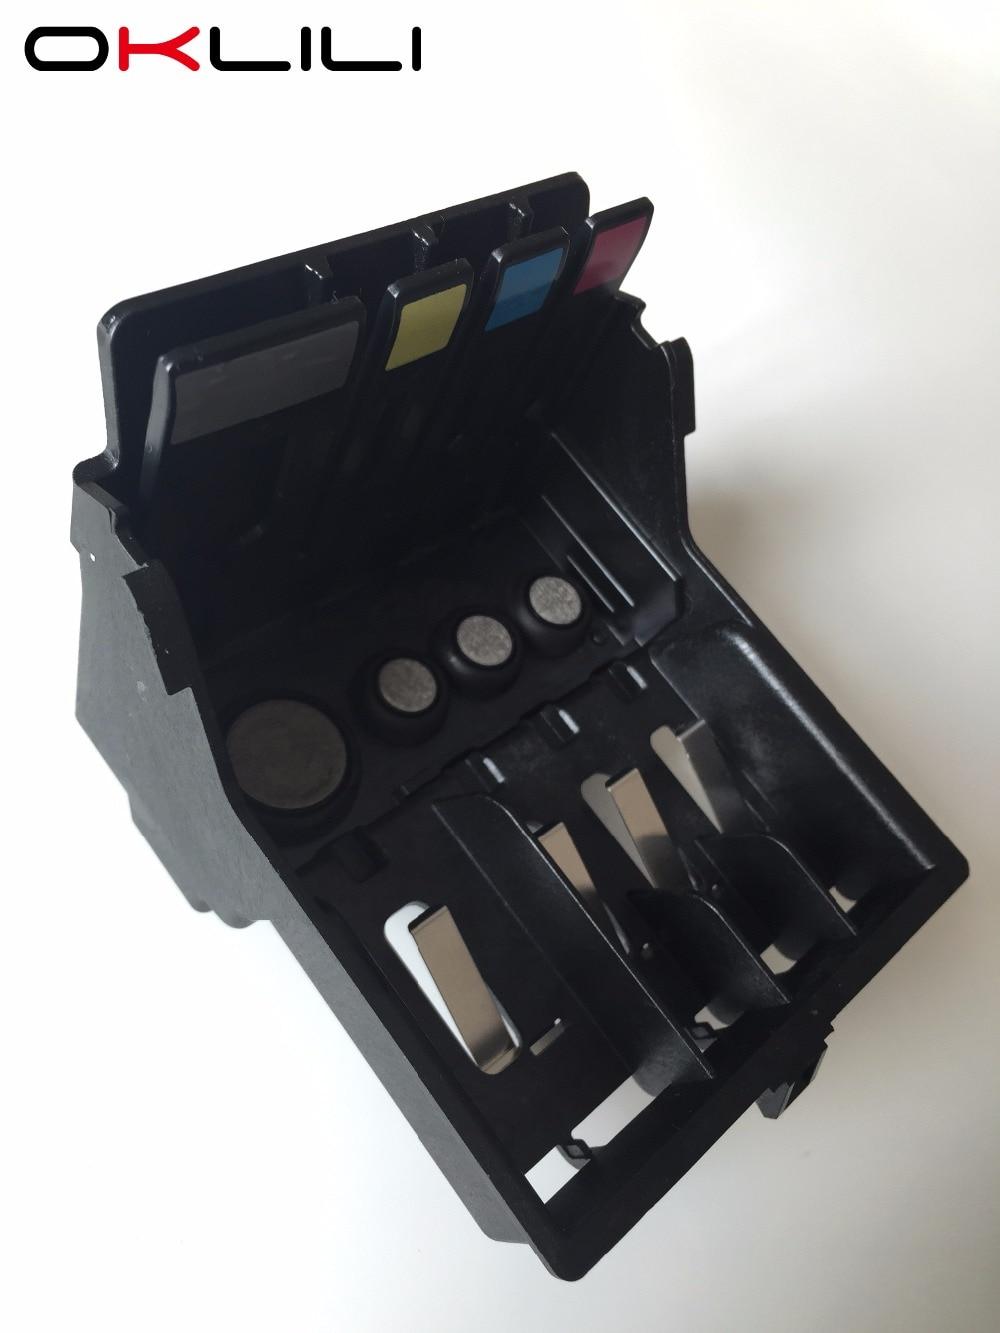 14N1339 14N0700 nyomtatófej Lexmark 100 108 150 155 S301 S305 S315 S308 S405 S408 S409 S505 S515 S508 S605 S608 S815 S816